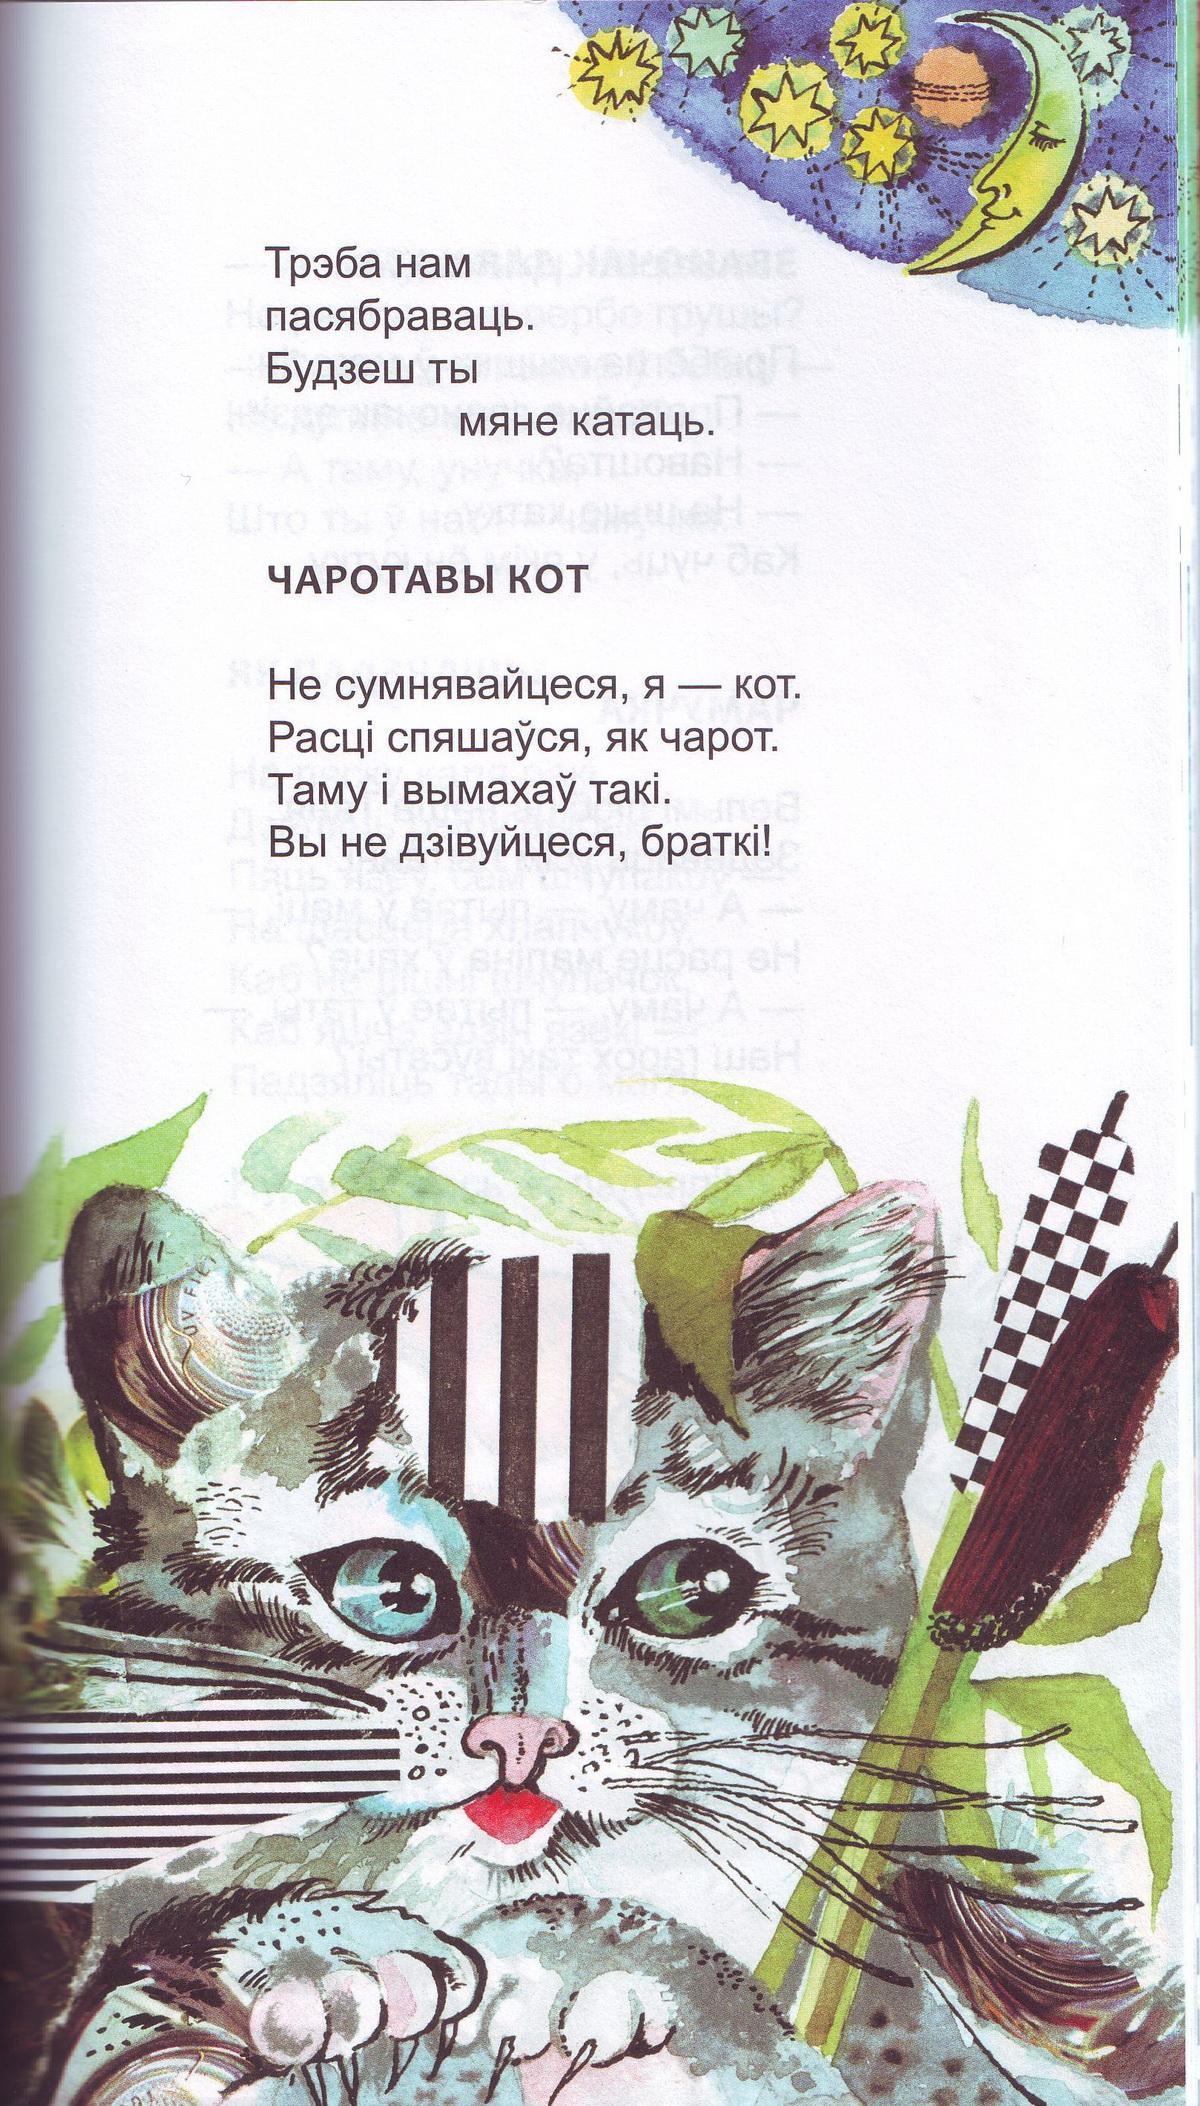 Ніна Галіноўская. Калі я шчаслівы / старонкі з кнігі